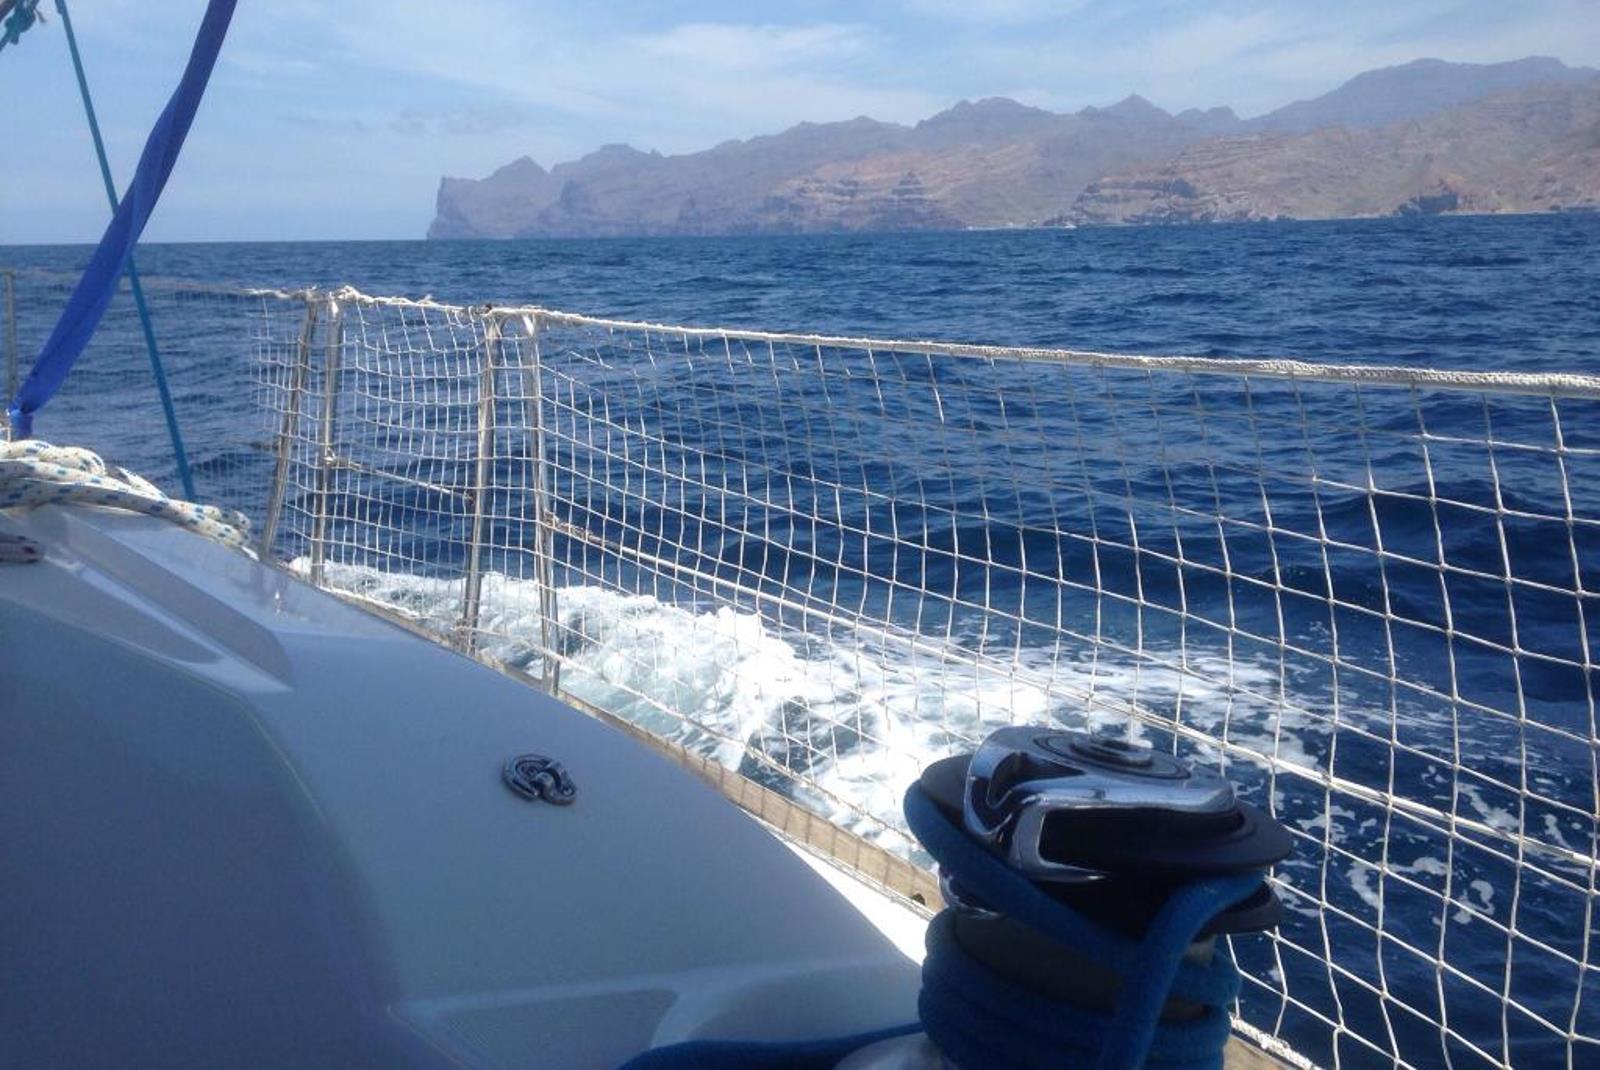 Sailing-Boat-Trip-from-Puerto-de-Mogan-2